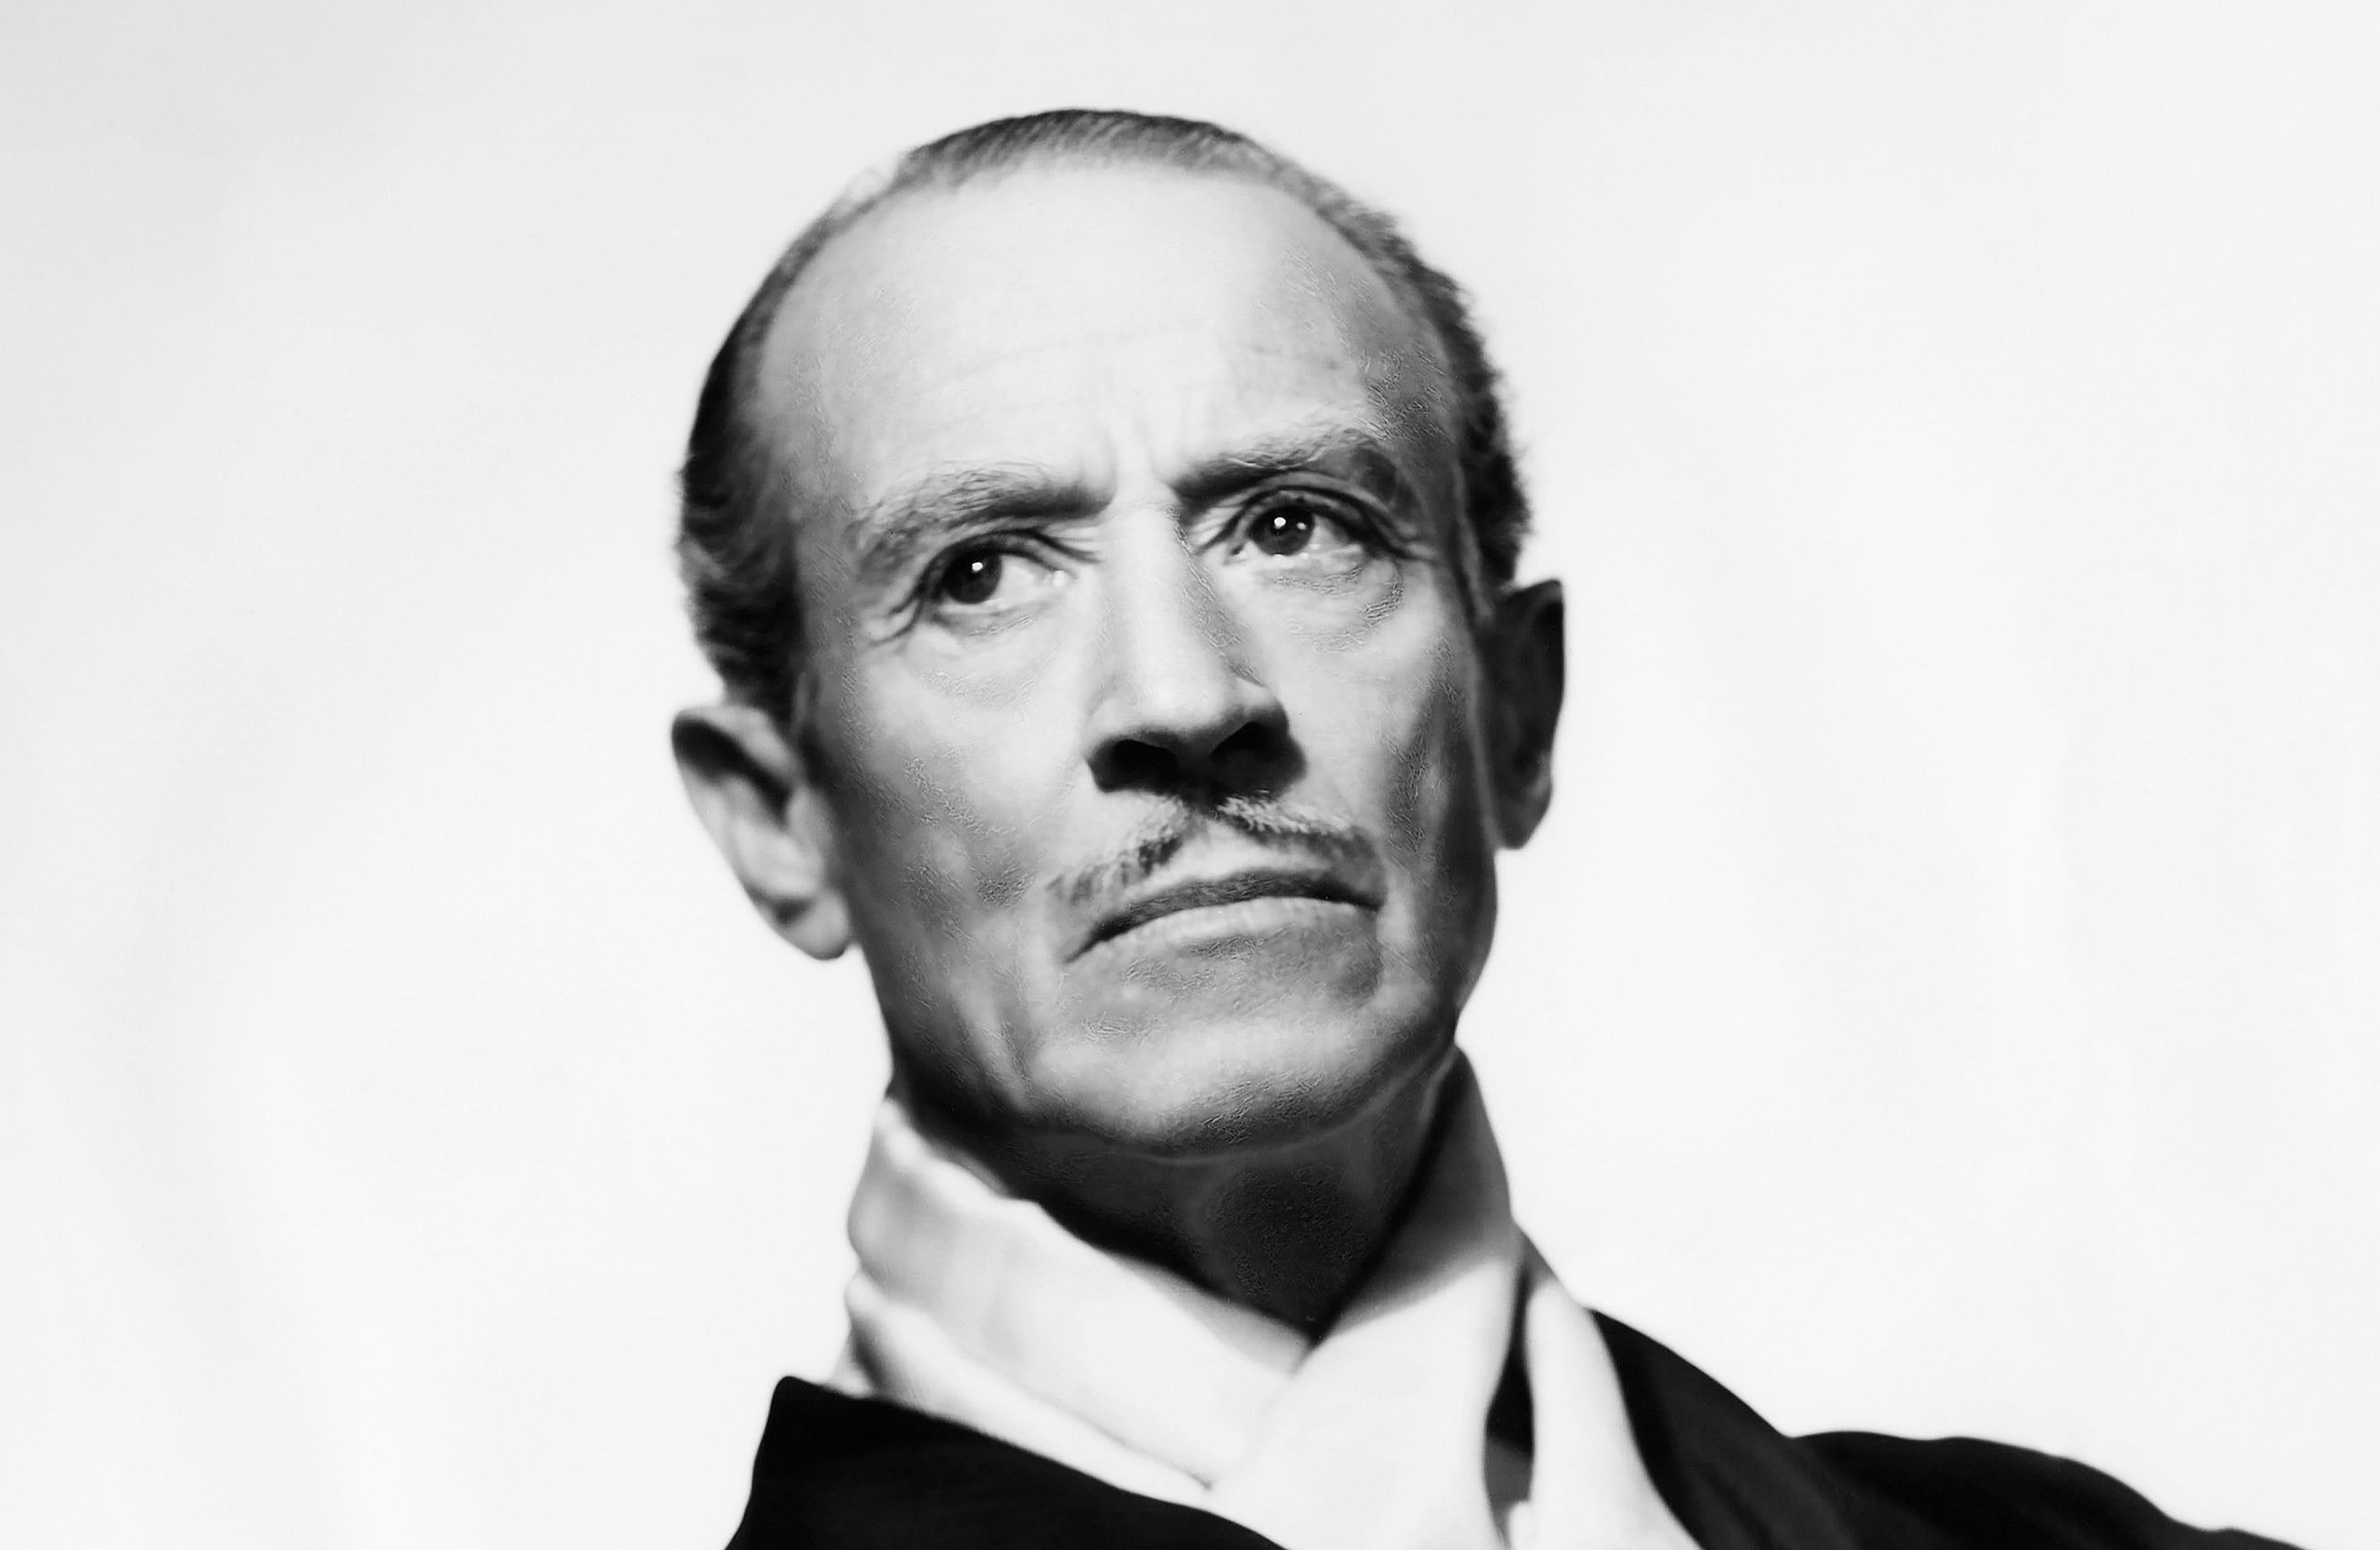 H. B. Warner